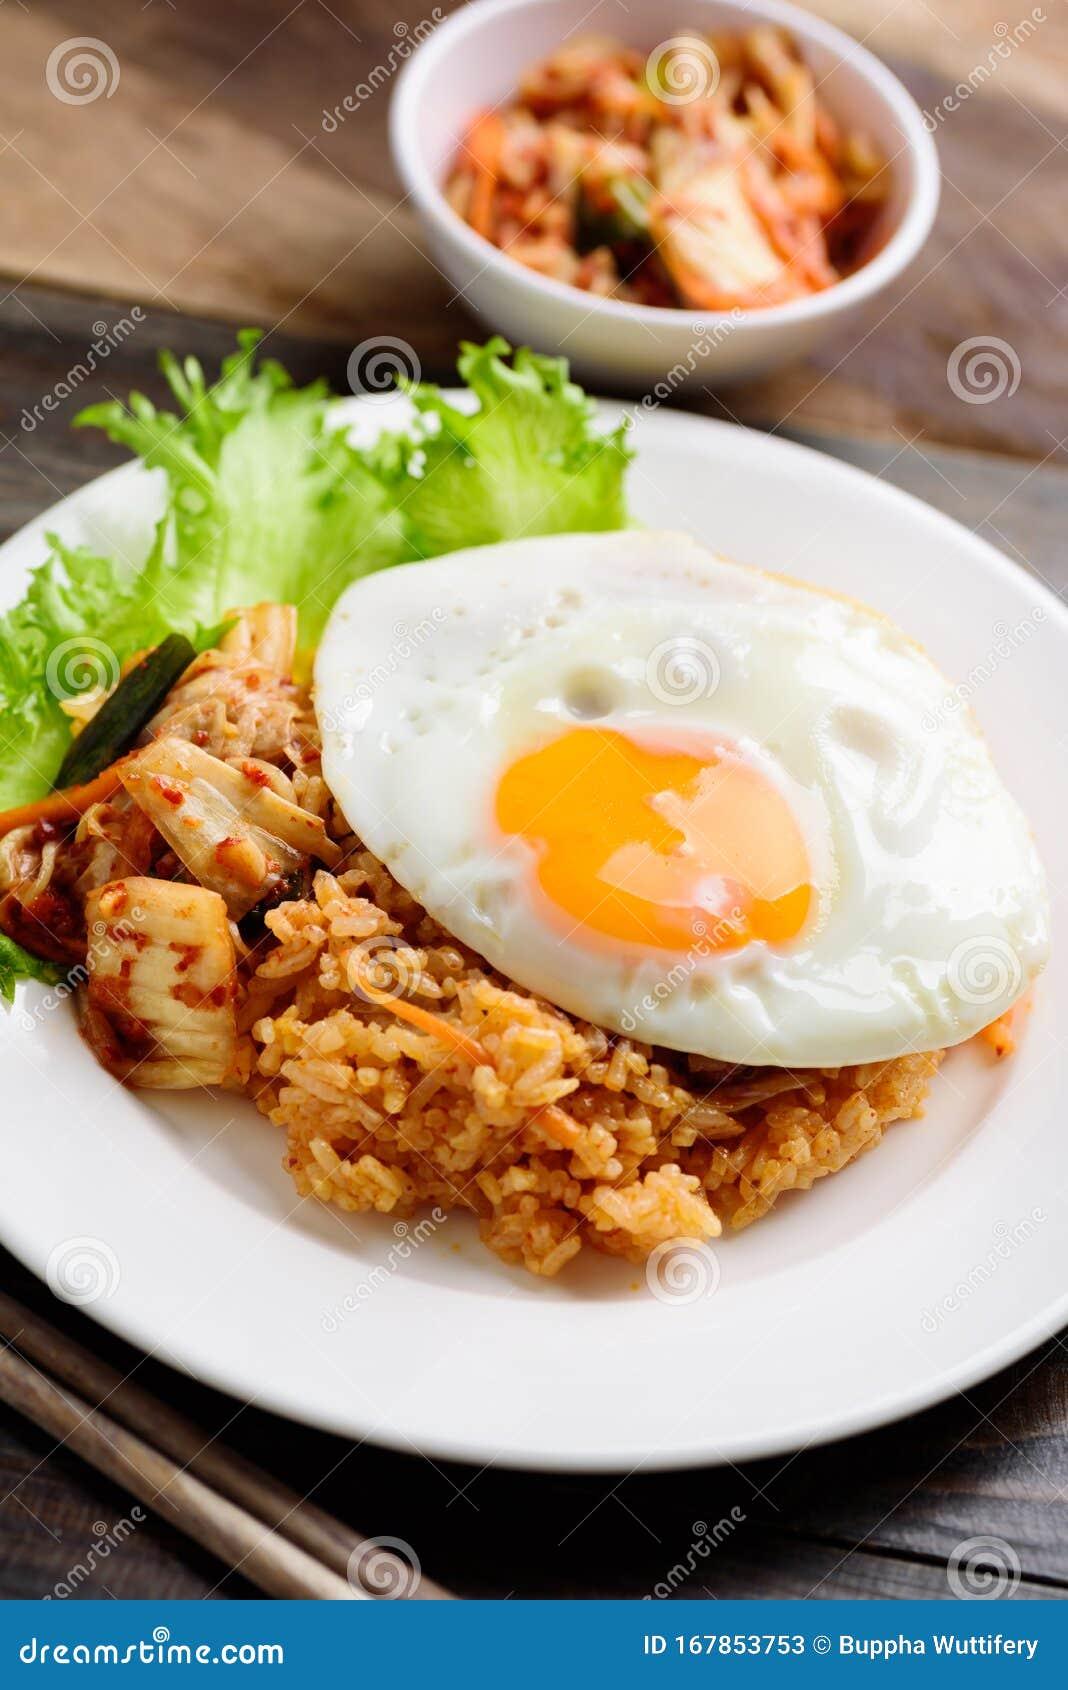 Kimchi Fried Rice With Fried Egg Korean Food Stock Image Image Of Kimchi Rice 167853753